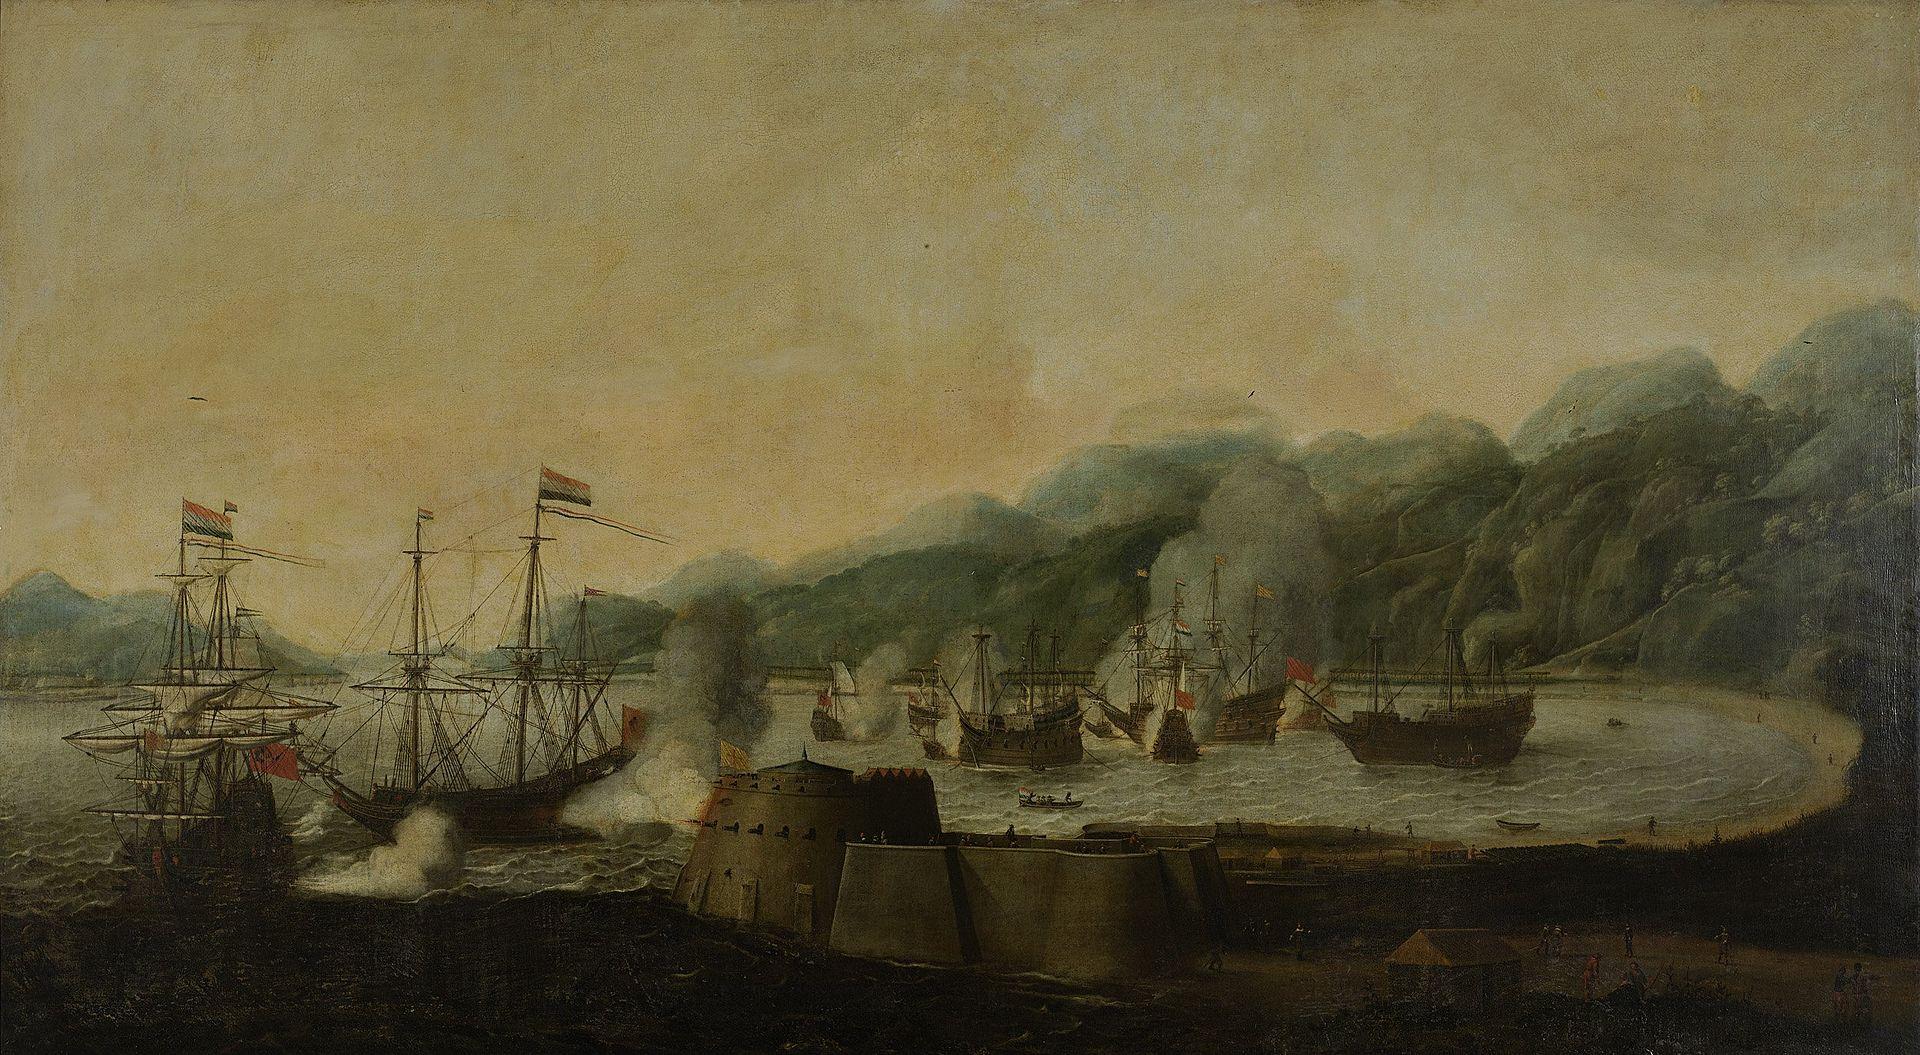 Hendrick van Anthonissen : attaque surprise hollandaise contre trois galions portugais dans la baie de Goa en 1639. Tableau de 1653.Hendrick van Anthonissen : attaque surprise hollandaise contre trois galions portugais dans la baie de Goa en 1639 (Tableau de 1653).